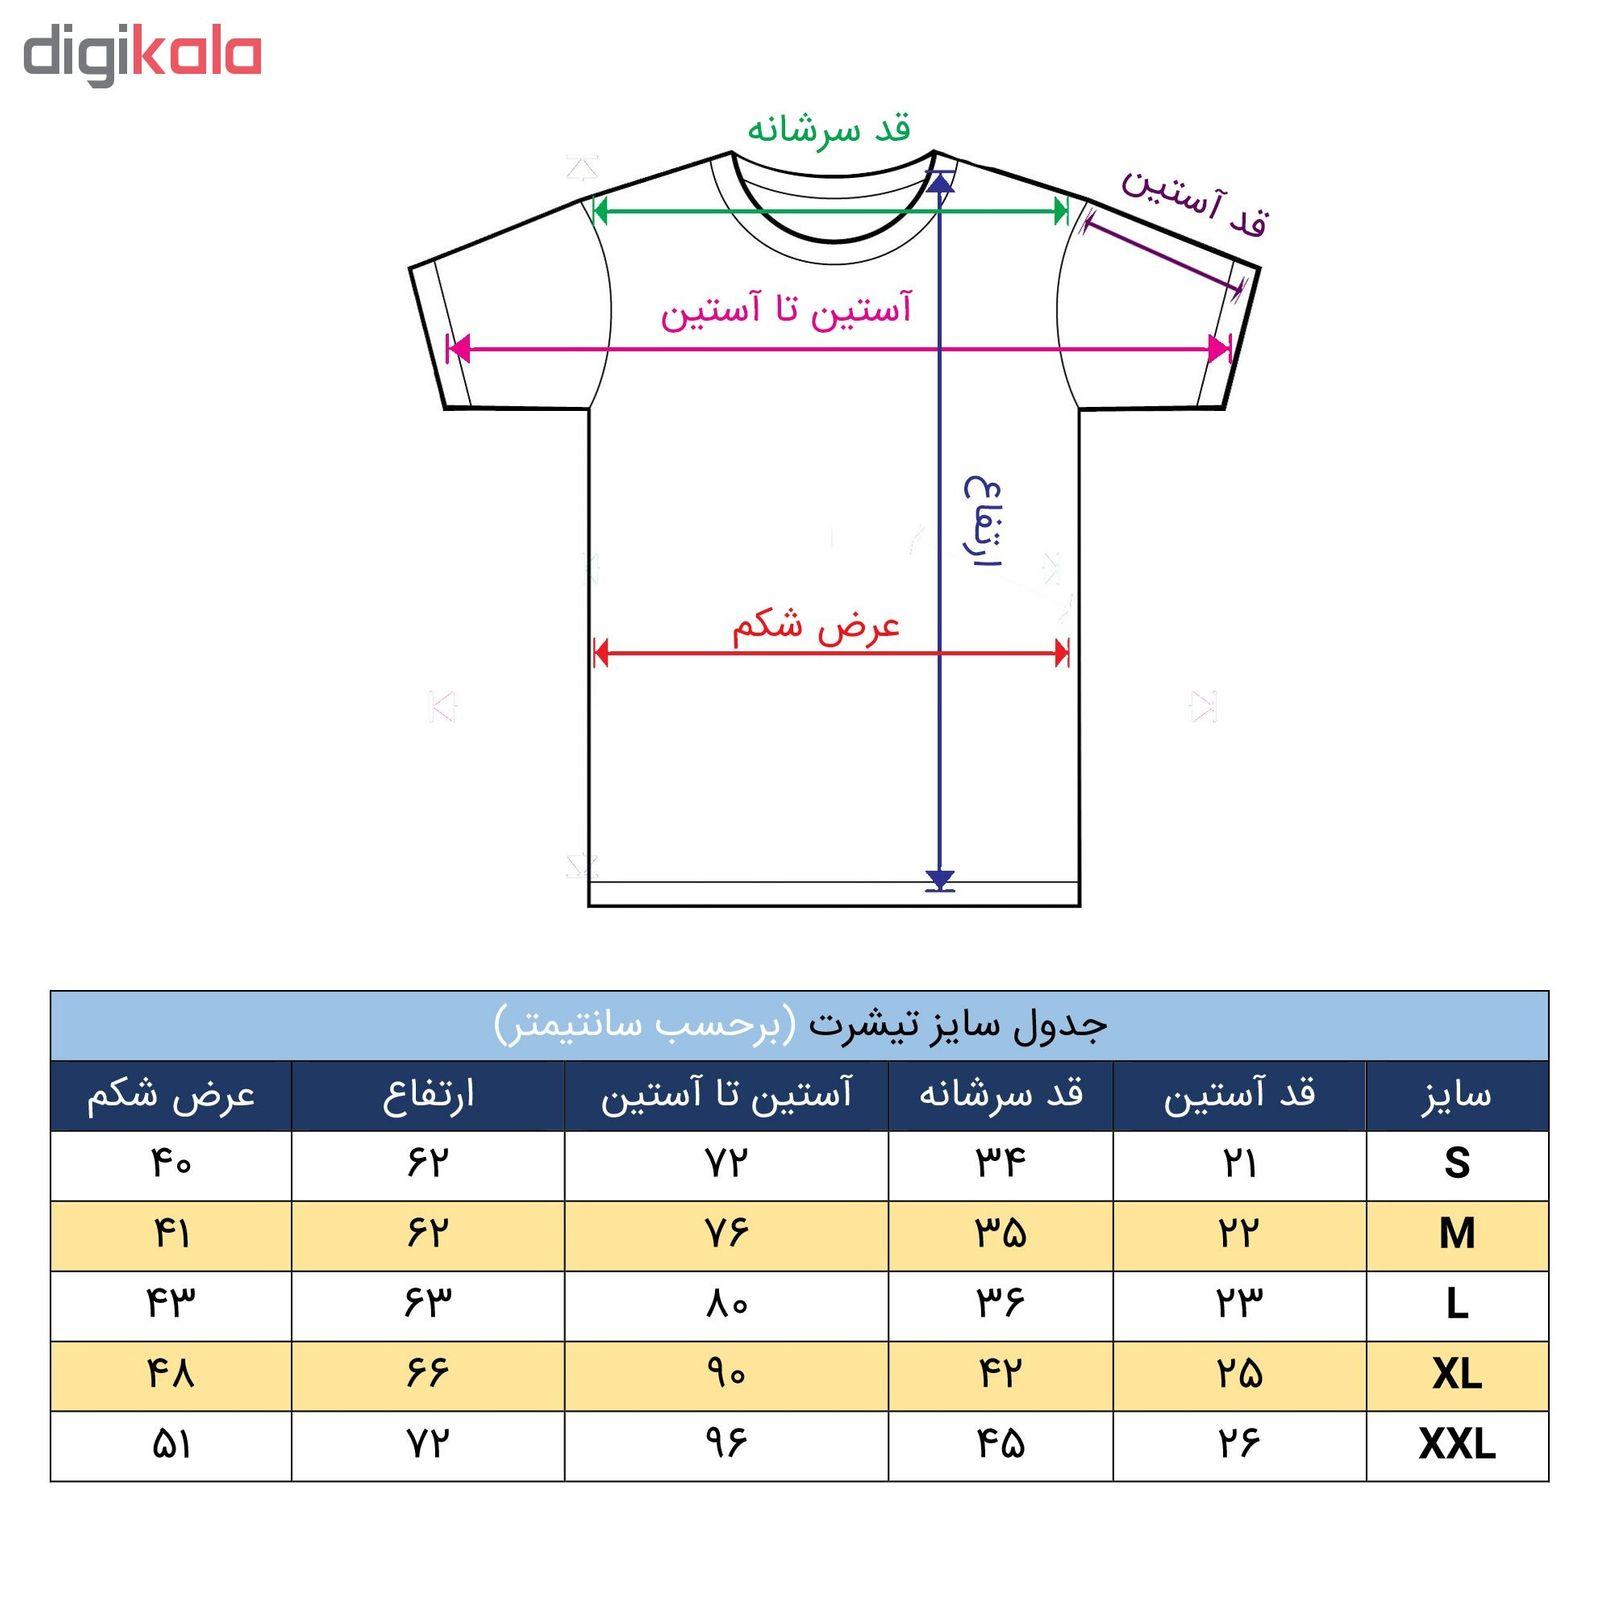 تی شرت مردانه  مدل SM77 main 1 2